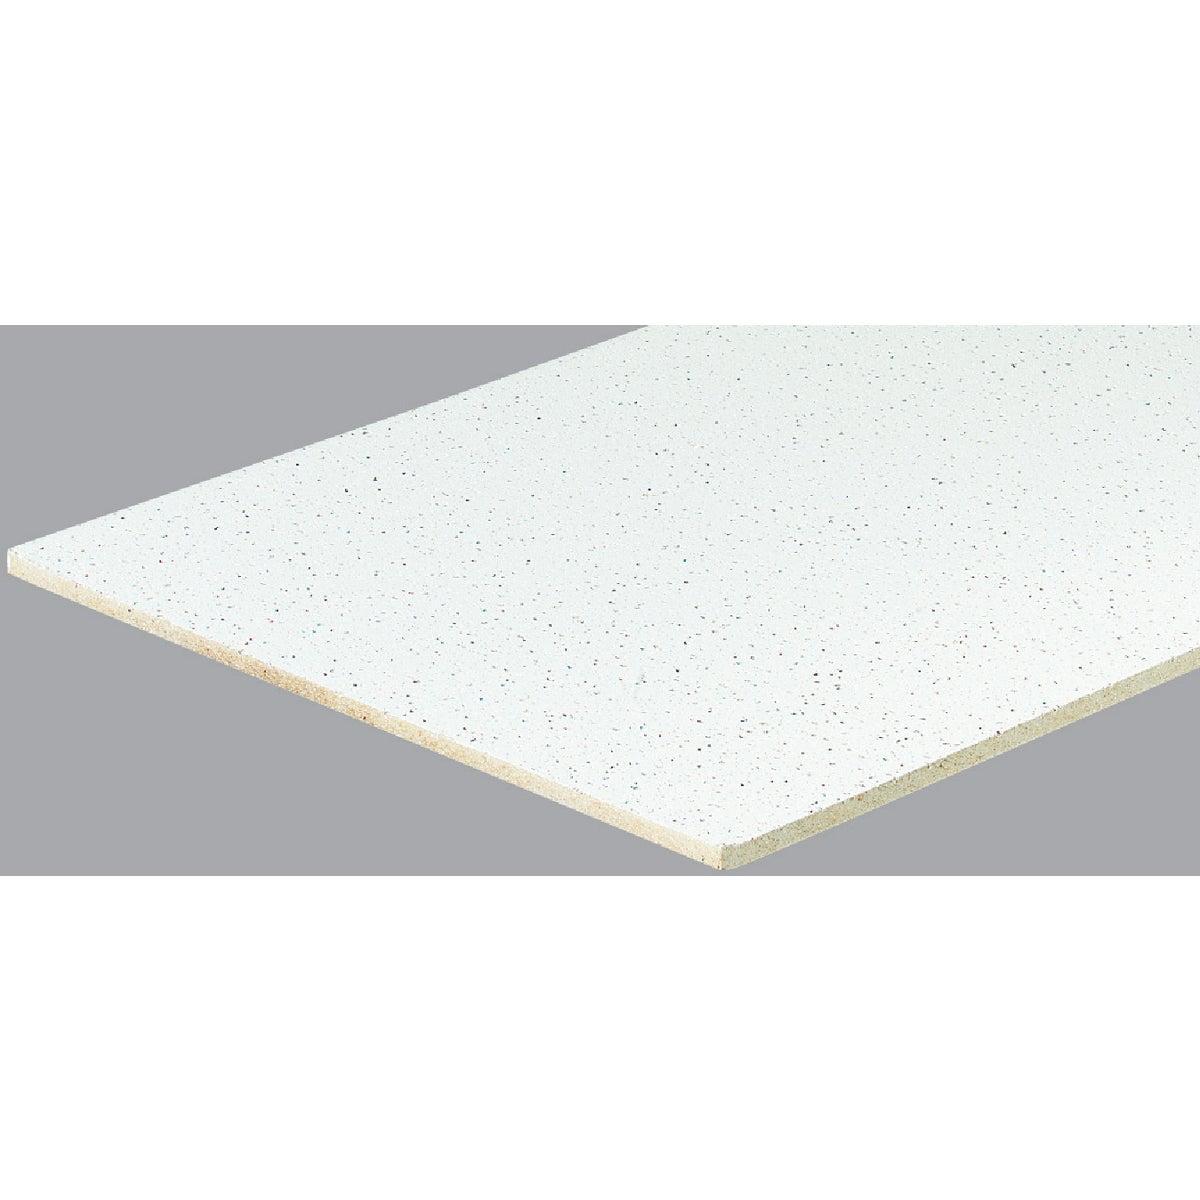 Radar Mineral Fiber Suspended Ceiling Tile